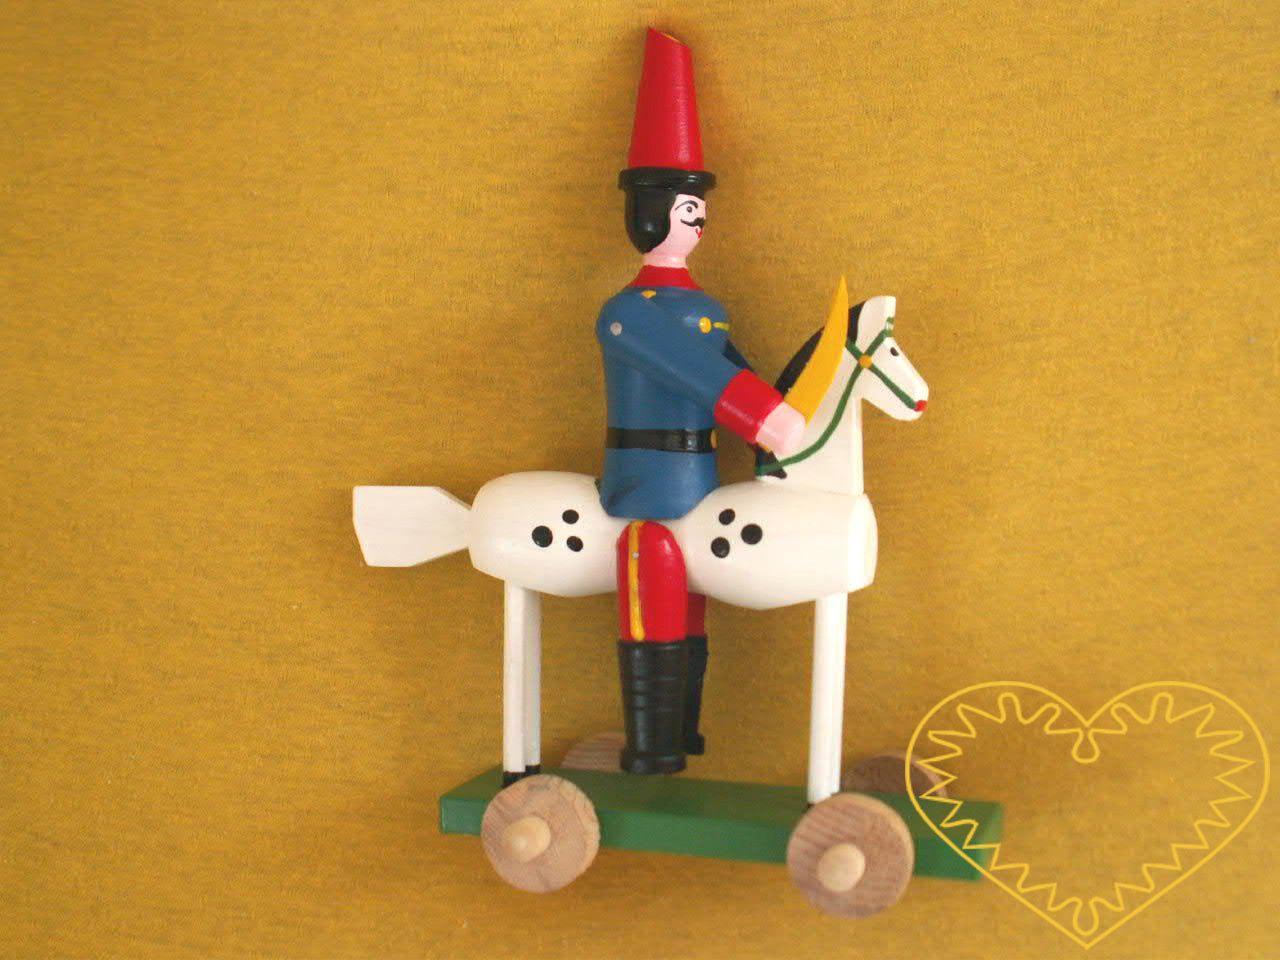 Dřevěný malovaný husar na koni. Krásně malovaný suvenýr vycházející ze vzorů tradičních dětských dřevěných hraček. Koník s husarem se pohybuje pomocí 4 koleček umístěných na podstavci.